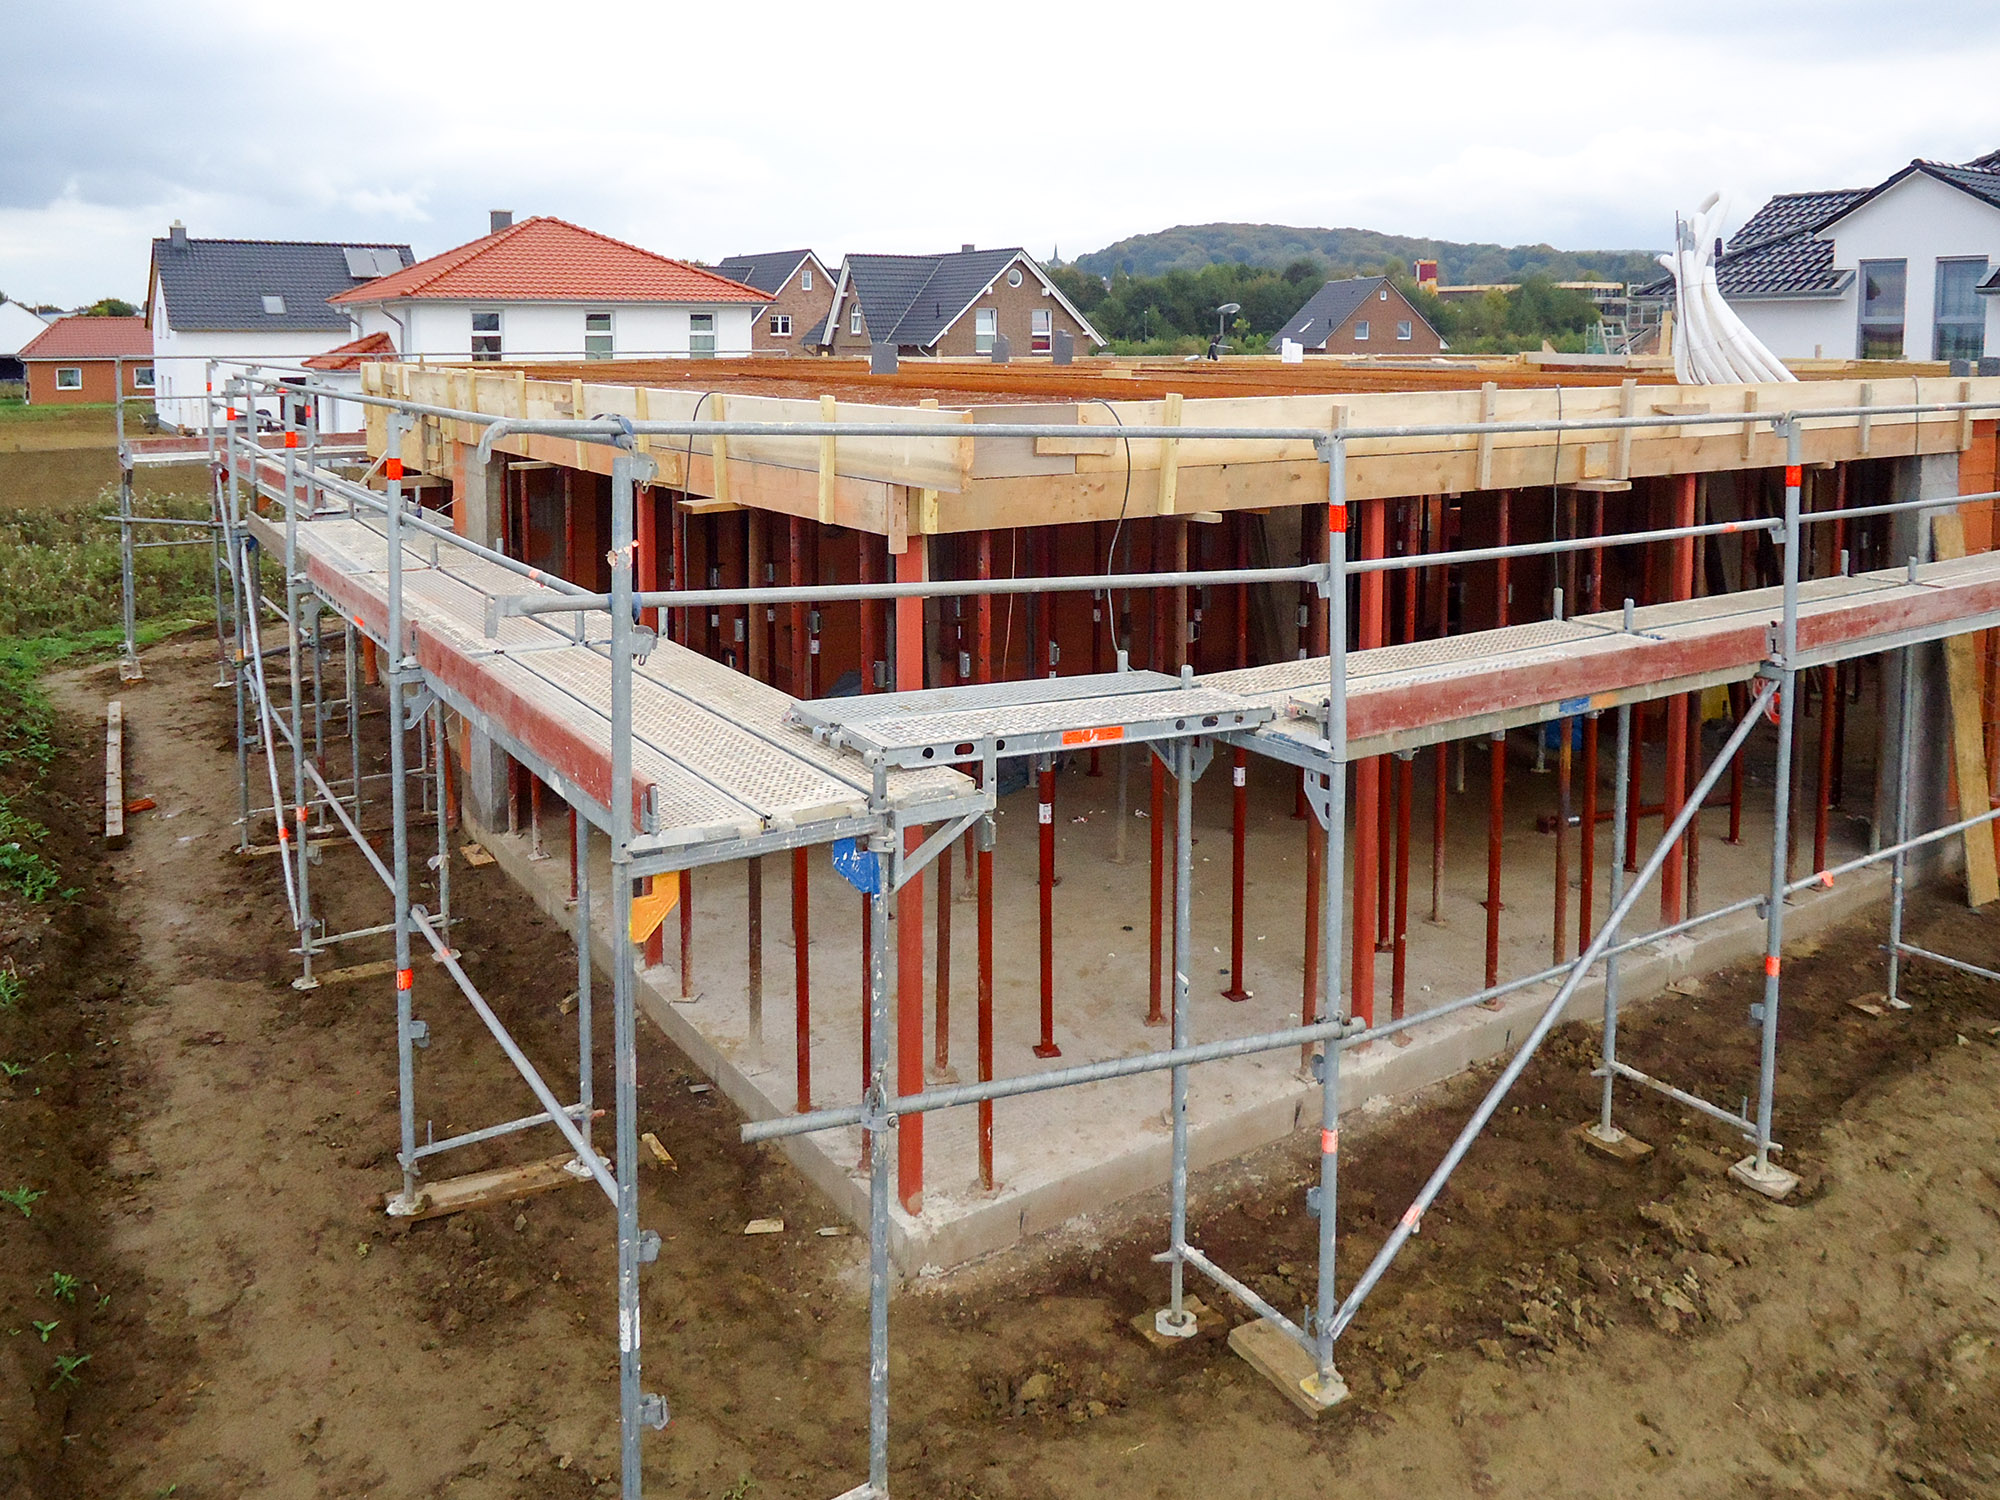 Bauhausstil in Bad Nenndorf - Decke